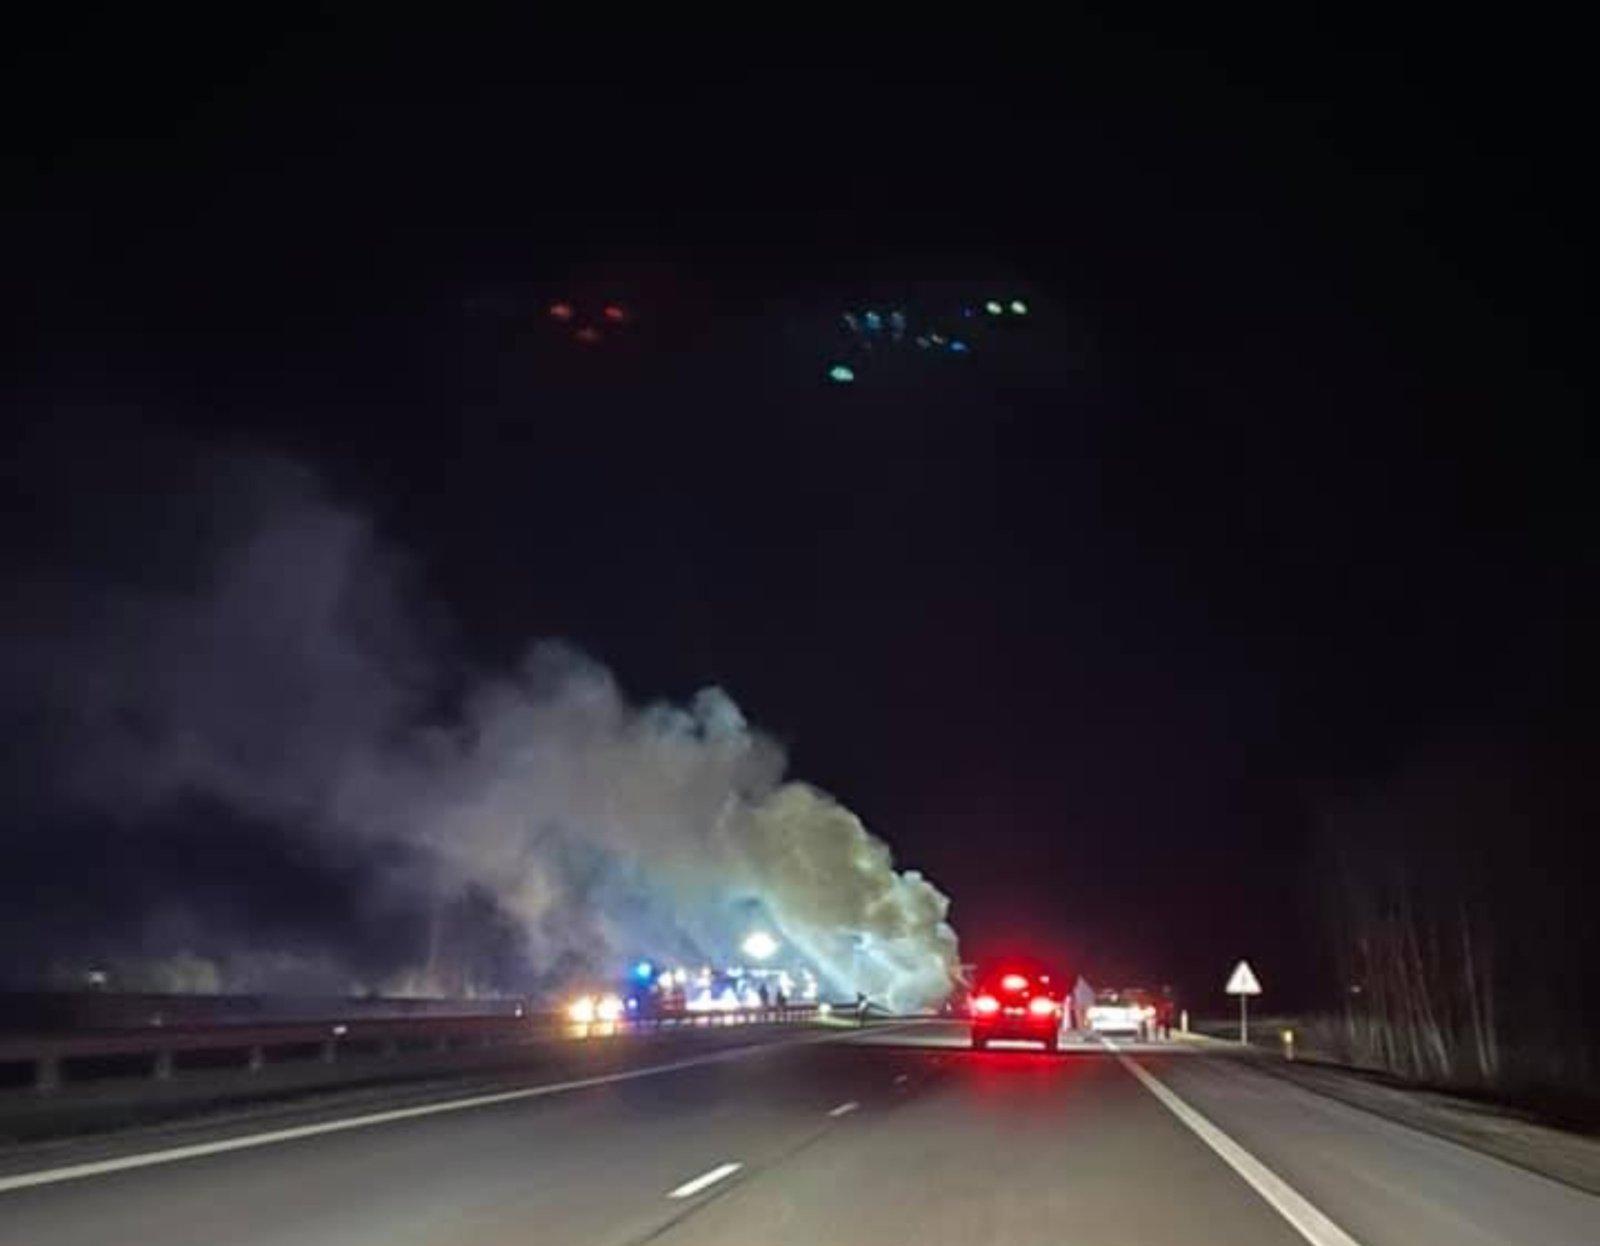 Jonavos rajone po avarijos atvira liepsna degė vilkikas